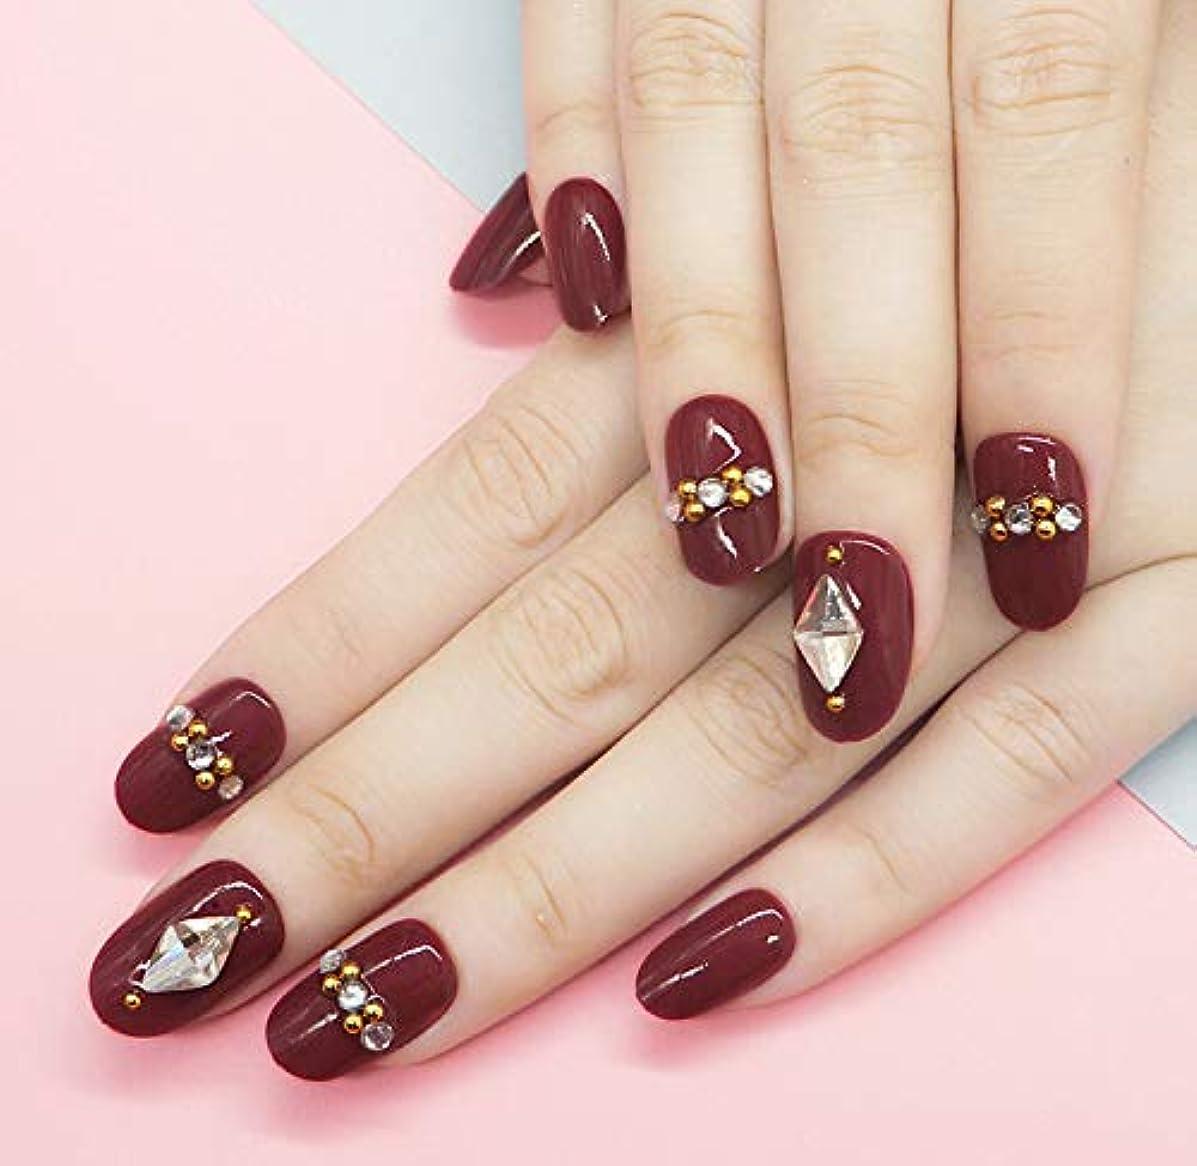 喜劇黒くするインレイ濃い赤 优雅 で気质の高い淑女 水滴の形 24PCS 个性によるニーズを満たせる ネイルチップ つけ爪